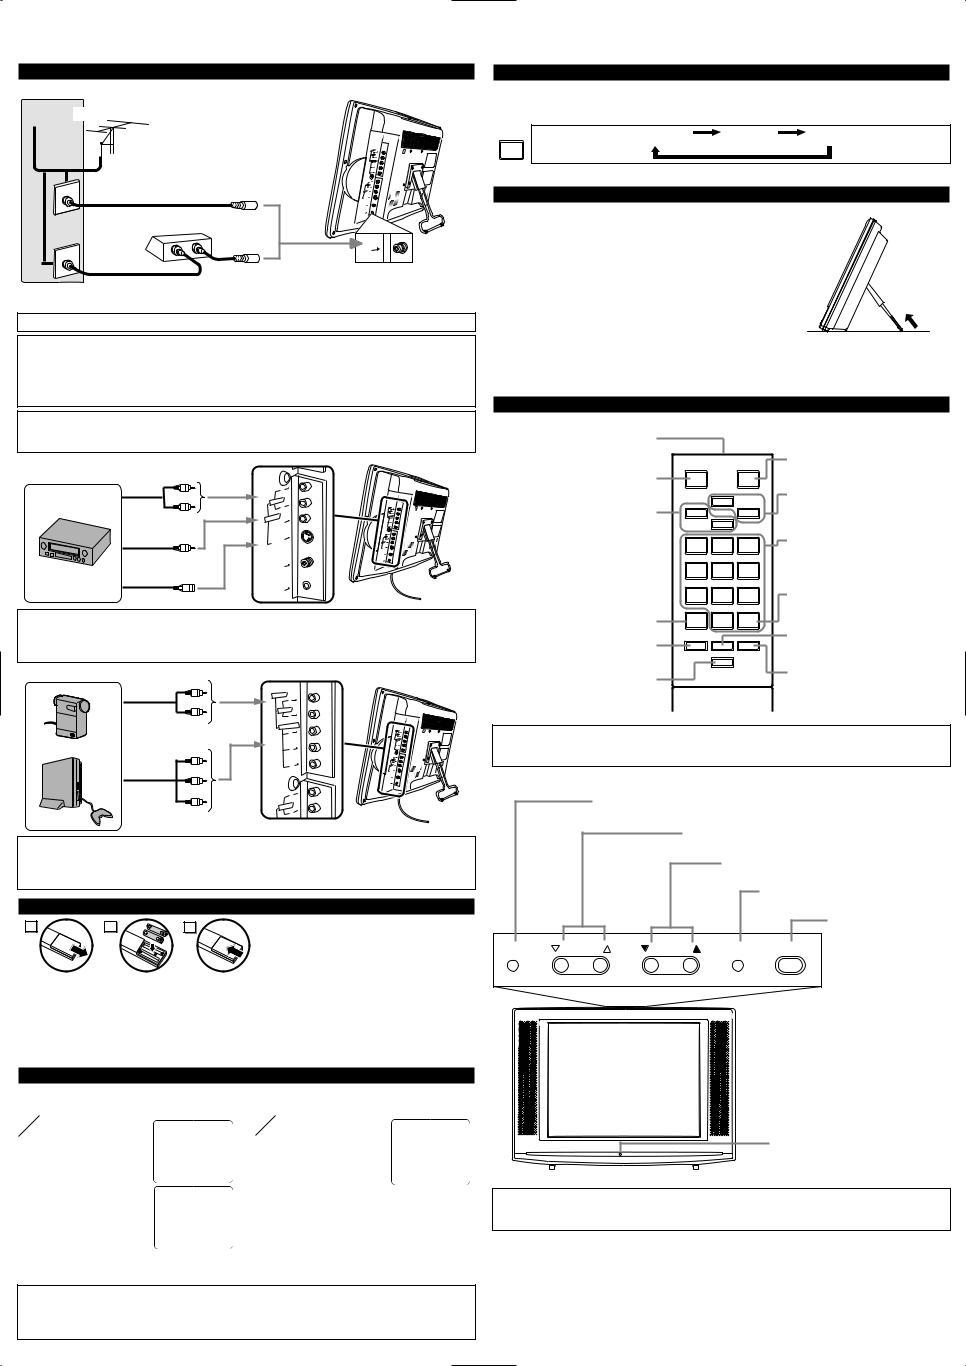 Sylvania Model 6615le Wiring Diagram